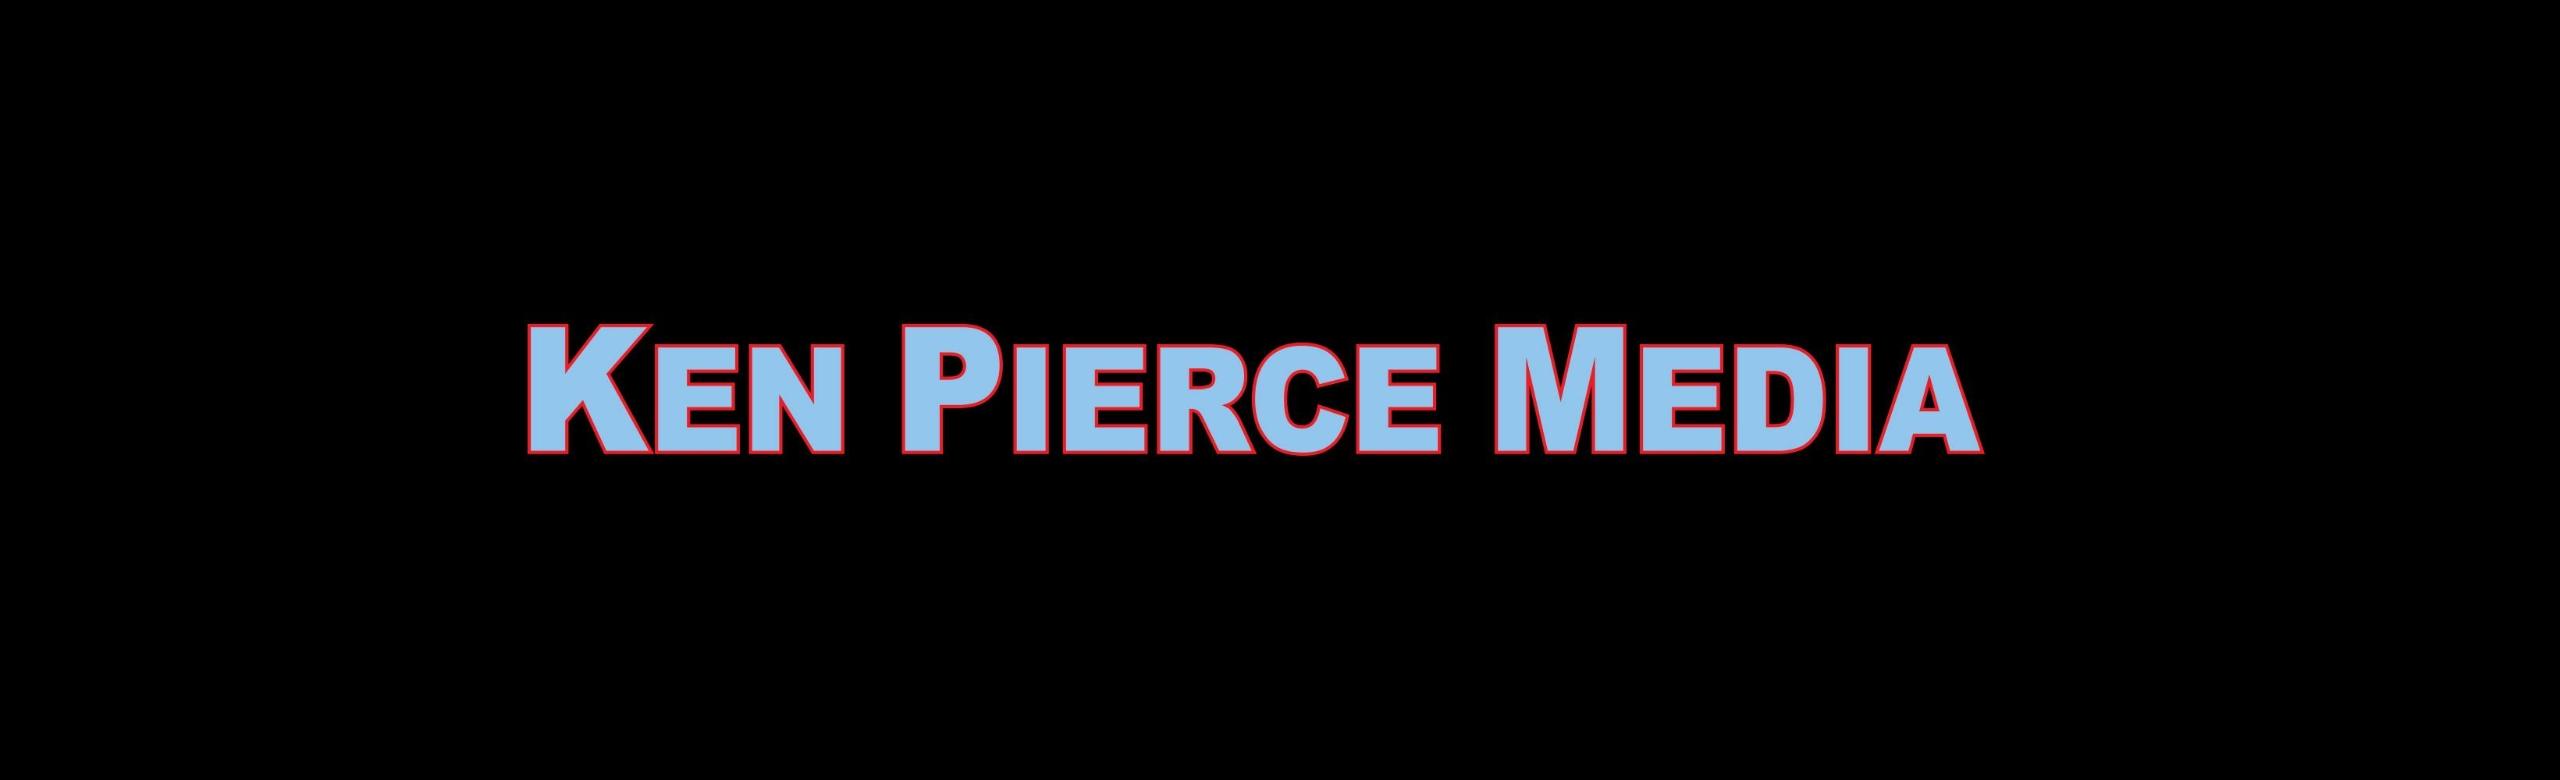 Ken Pierce (@kenpiercemedia) Cover Image